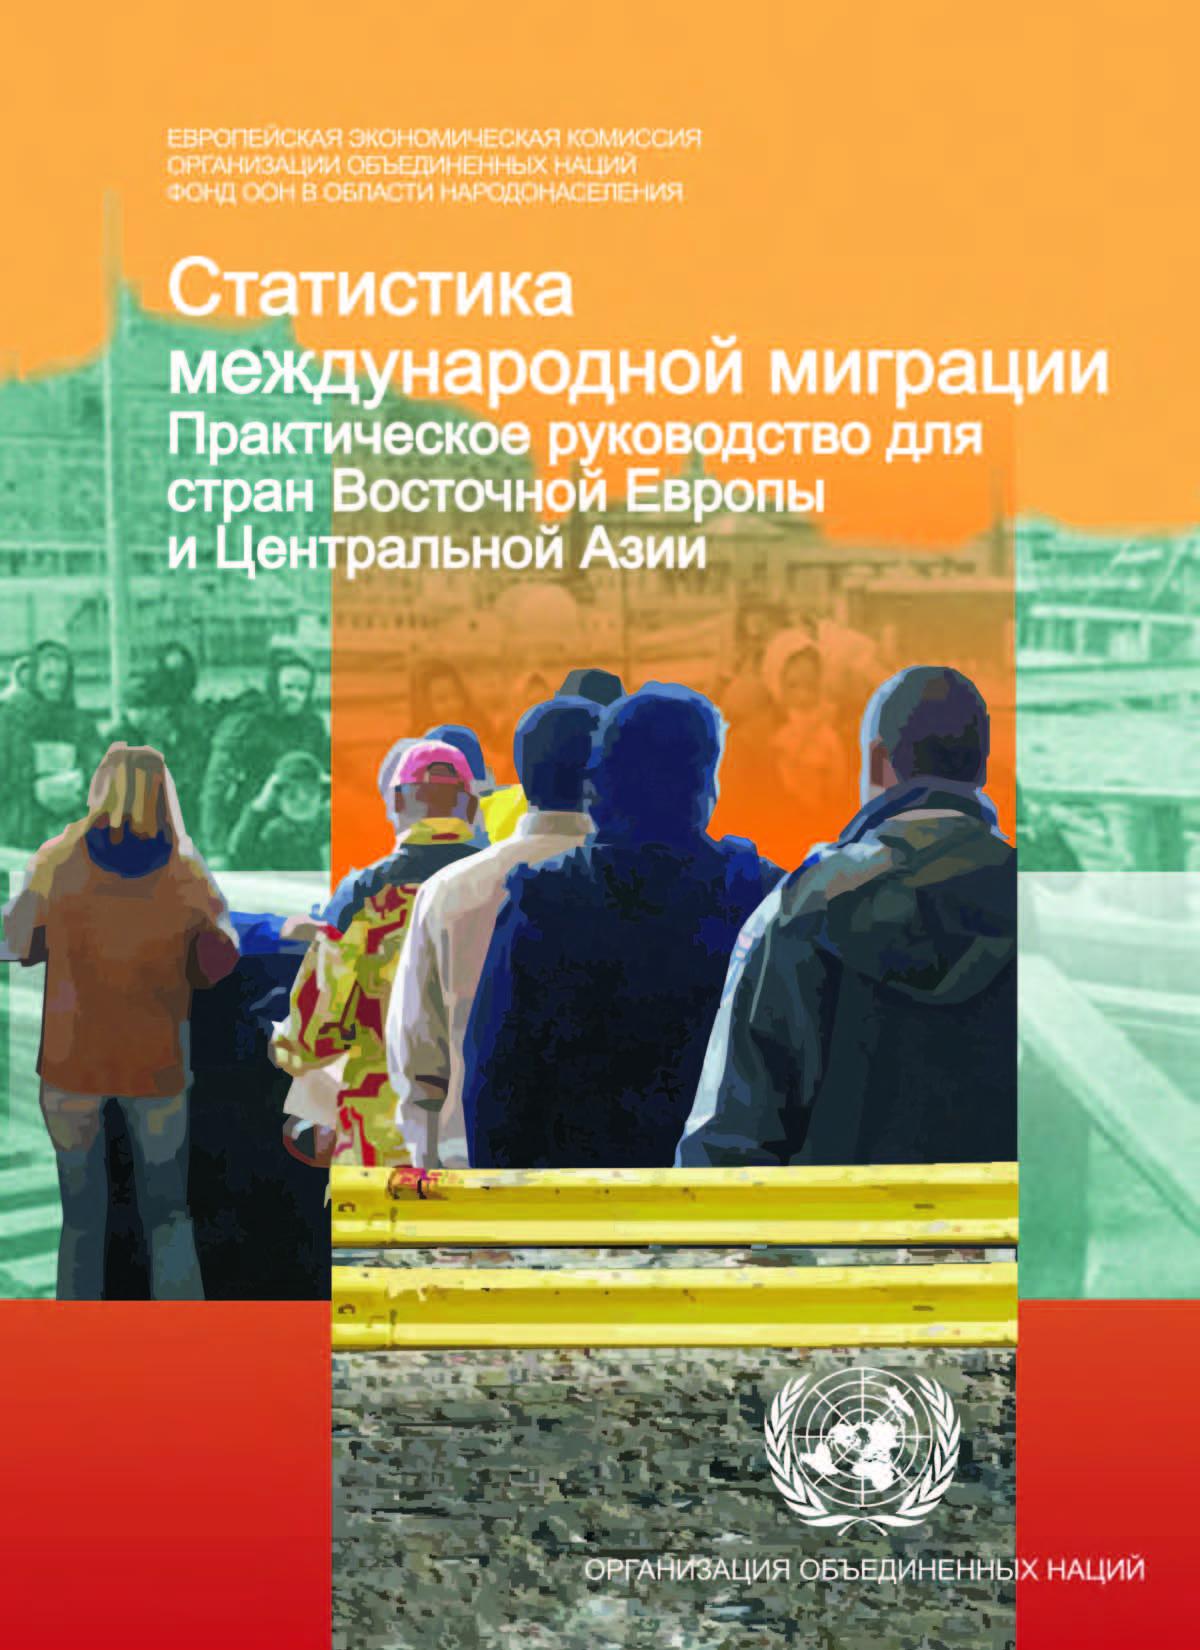 Статистика международной миграции. Практическое руководство для стран Восточной Европы и Центральной Азии